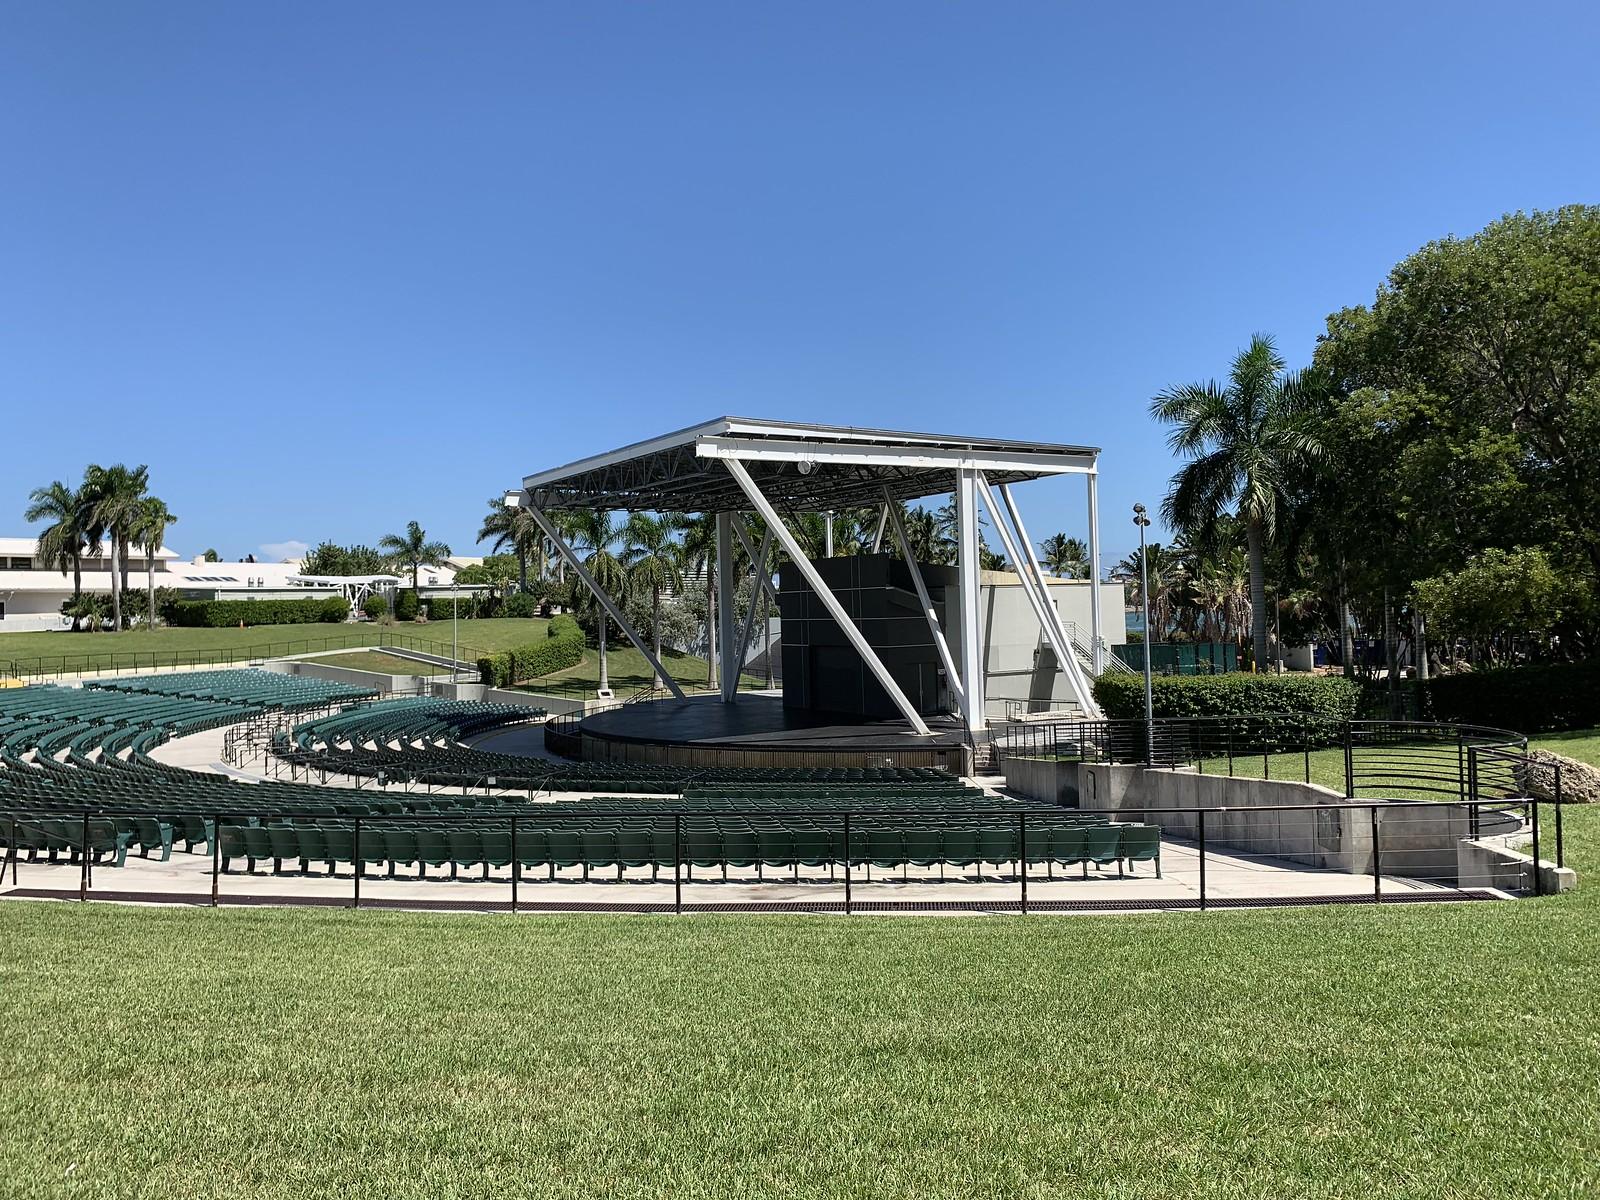 Amphitheater Bayfront Park Downtown Miami